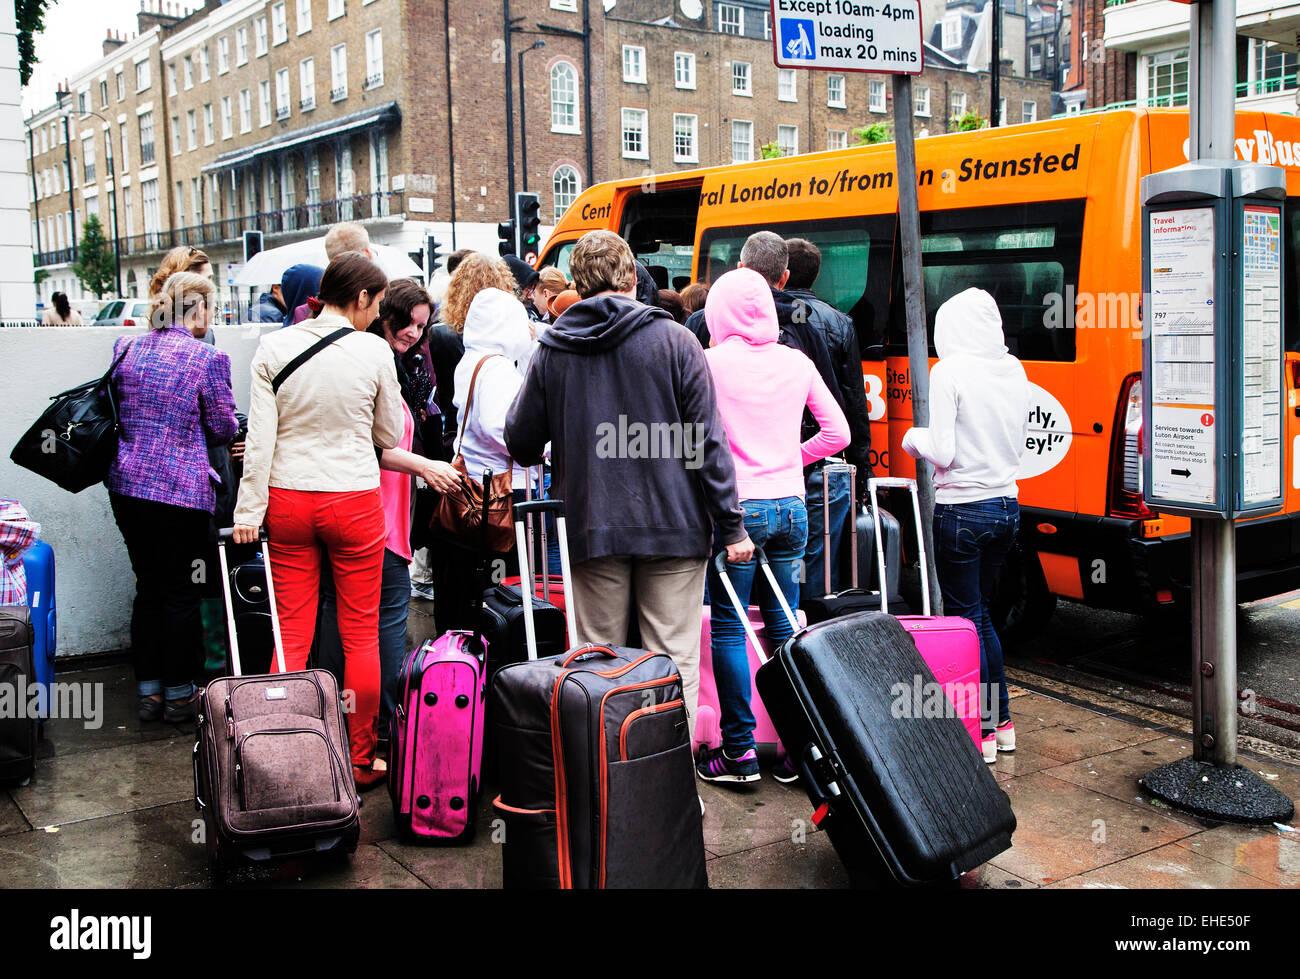 Touristischen Menge kleine Stansted-gebundenen Shuttle-Bus; Gloucester Place; Marylebone; London; England; VEREINIGTES Stockfoto